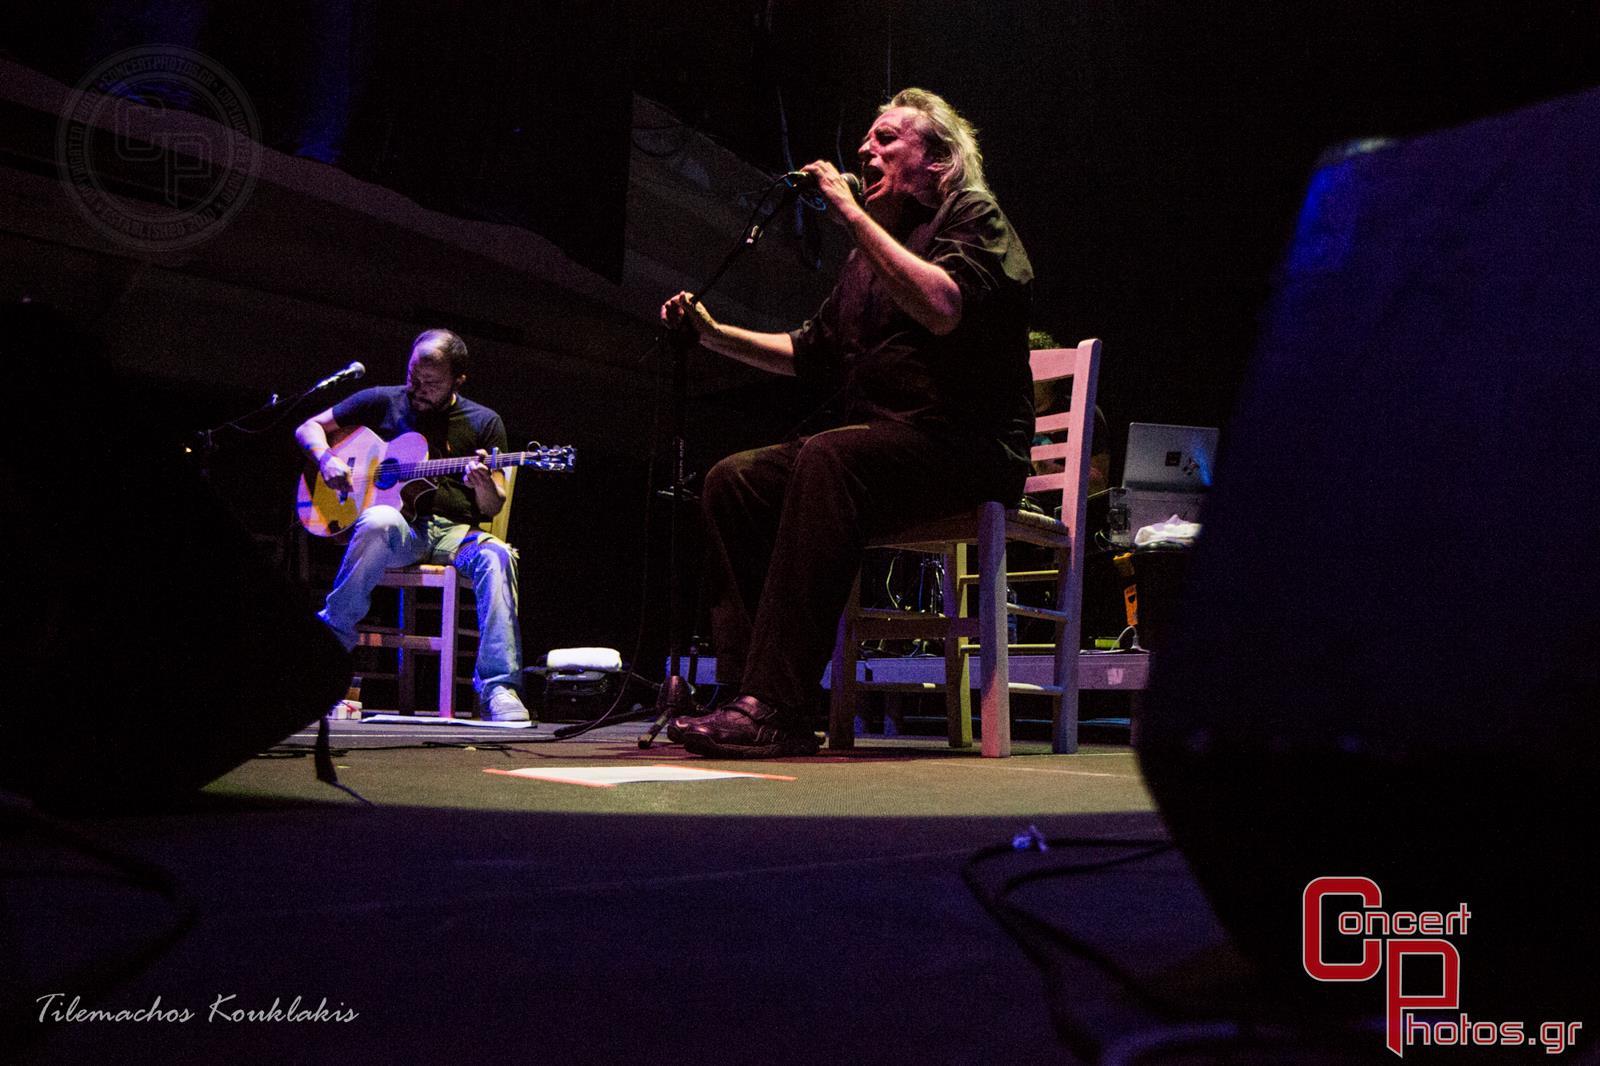 Γιάννης Αγγελάκας - Σύννεφα με Παντελόνια-Aggelakas-2 photographer:  - concertphotos_-1405153094